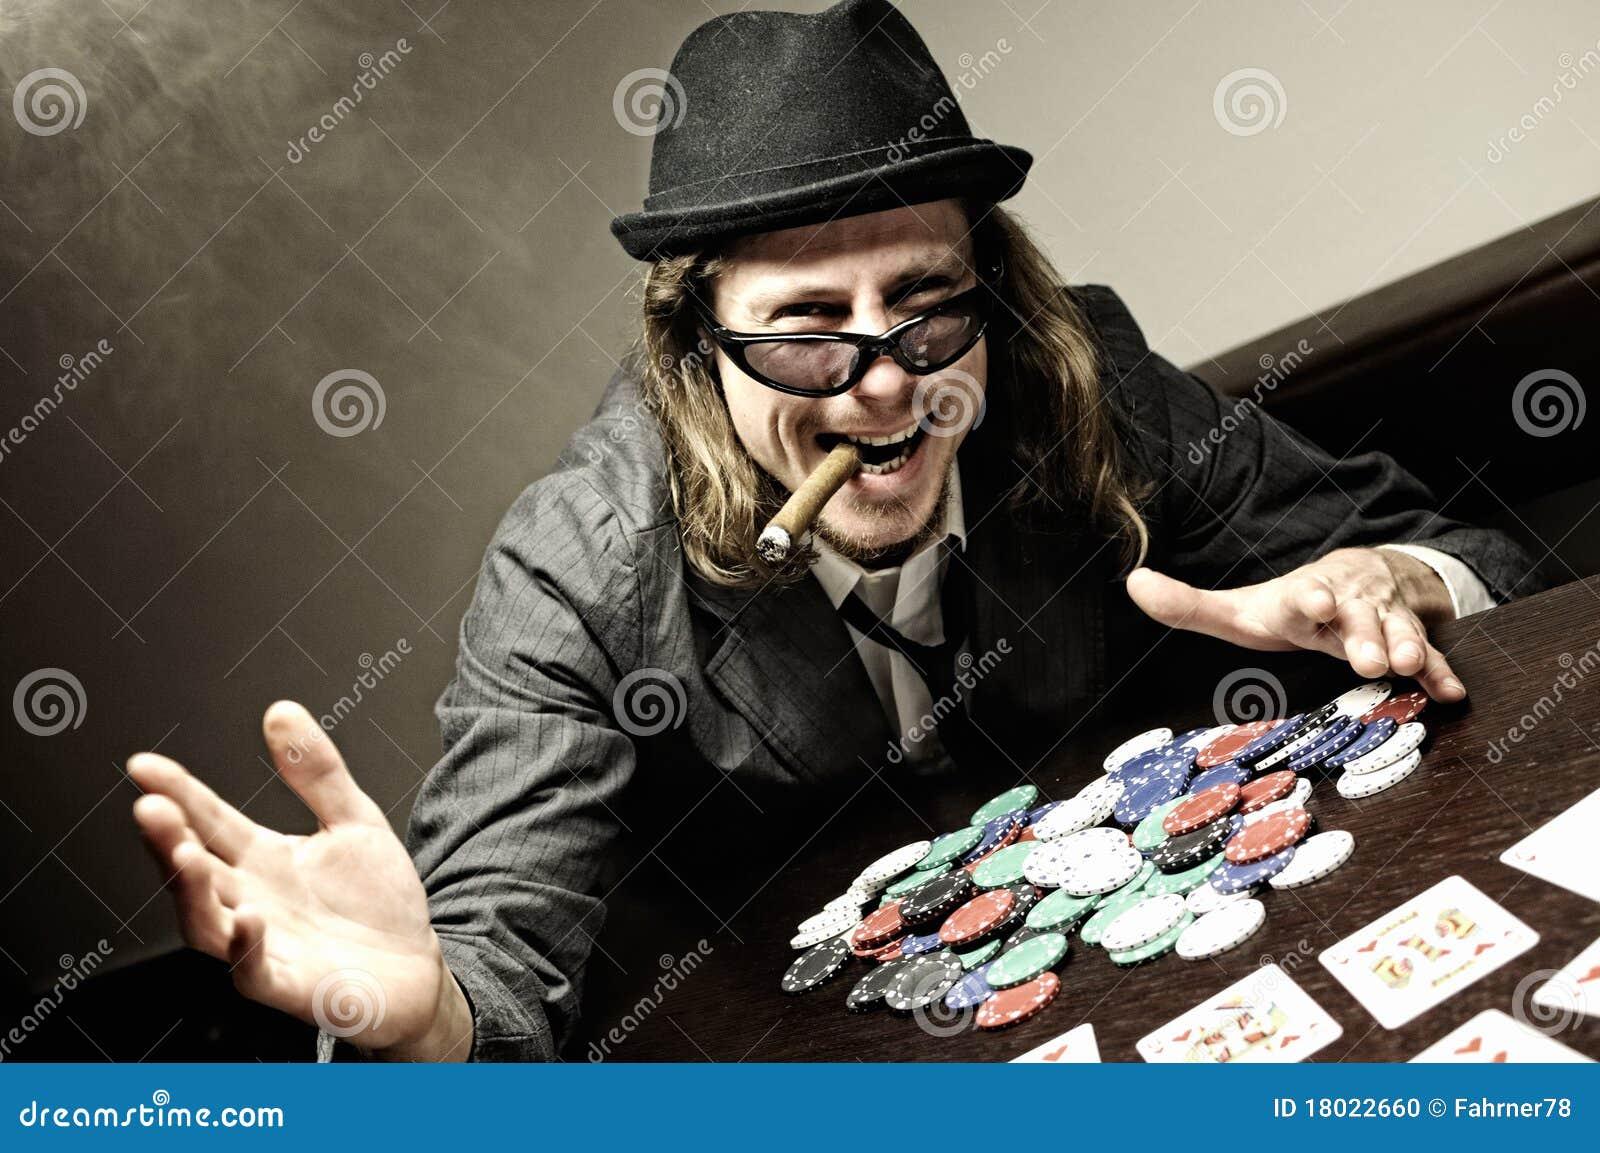 Poker winner stock photo. Image of chance, mafia, gangster